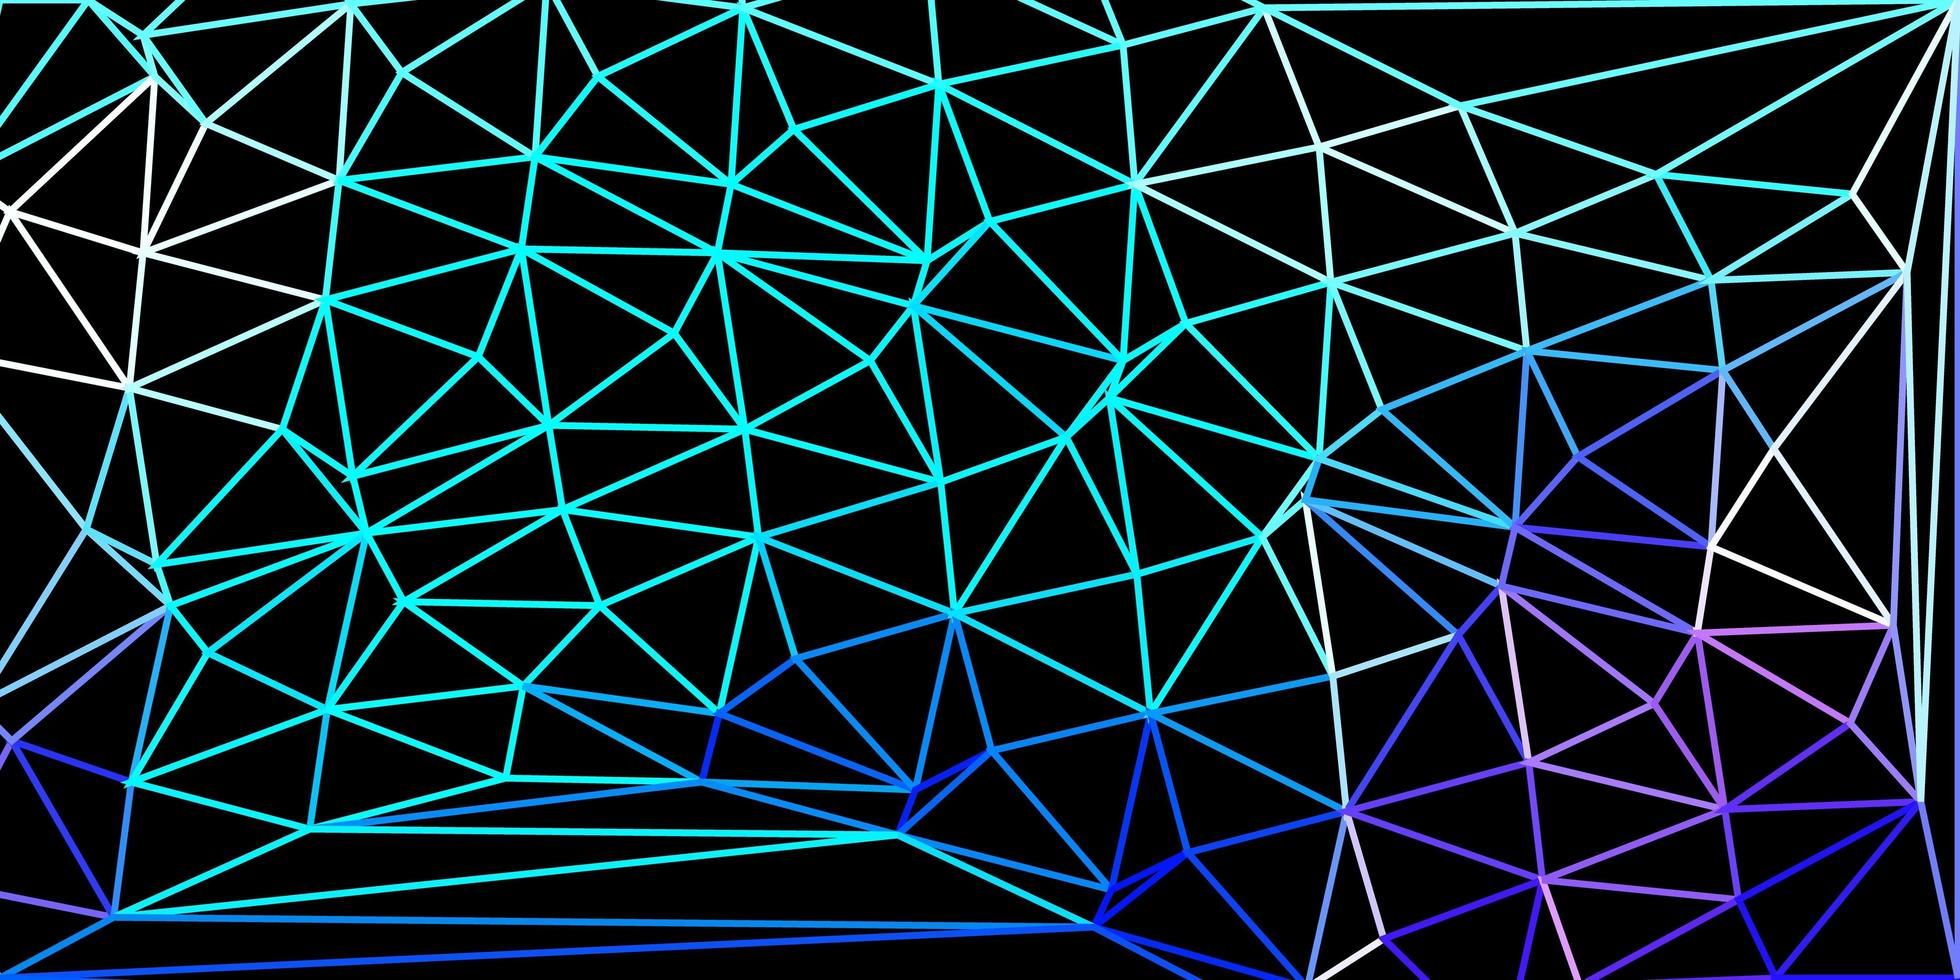 carta da parati del mosaico del triangolo di vettore rosa chiaro, blu.